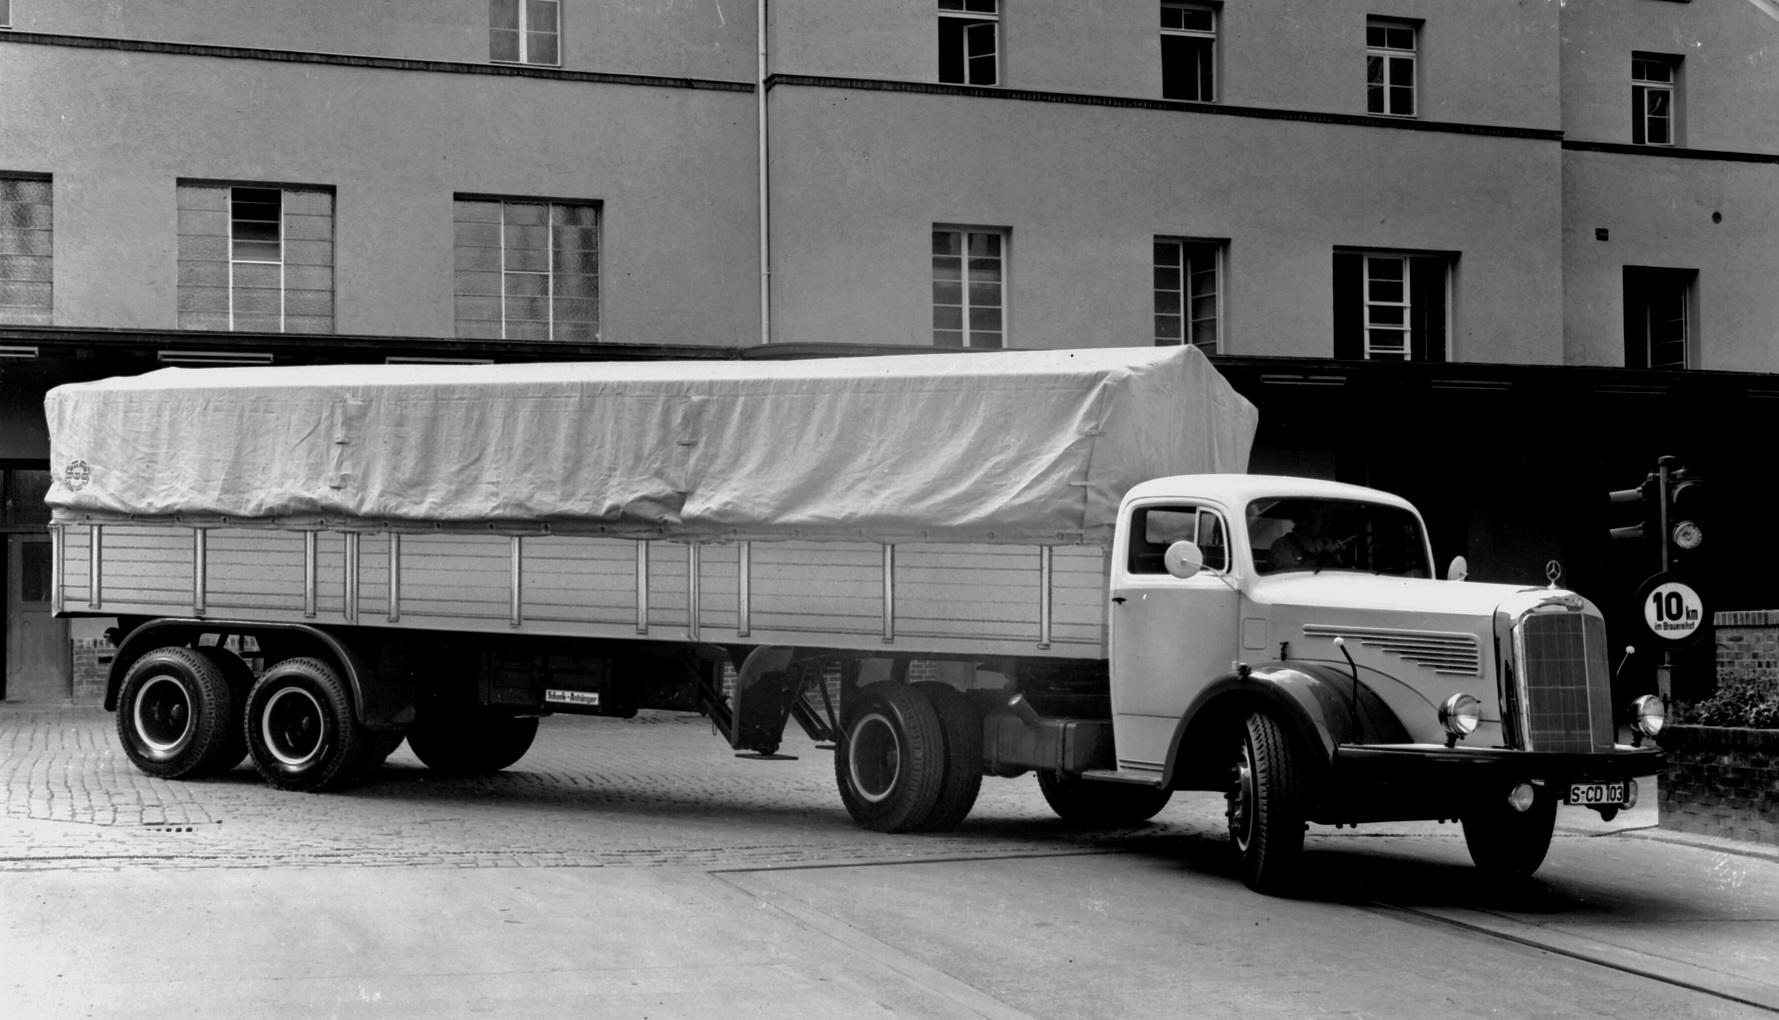 Mercedes-Benz-LS-329-145-PS-mit-Schenk-Anhanger-Auflieger-Werkfoto-77501A--1957